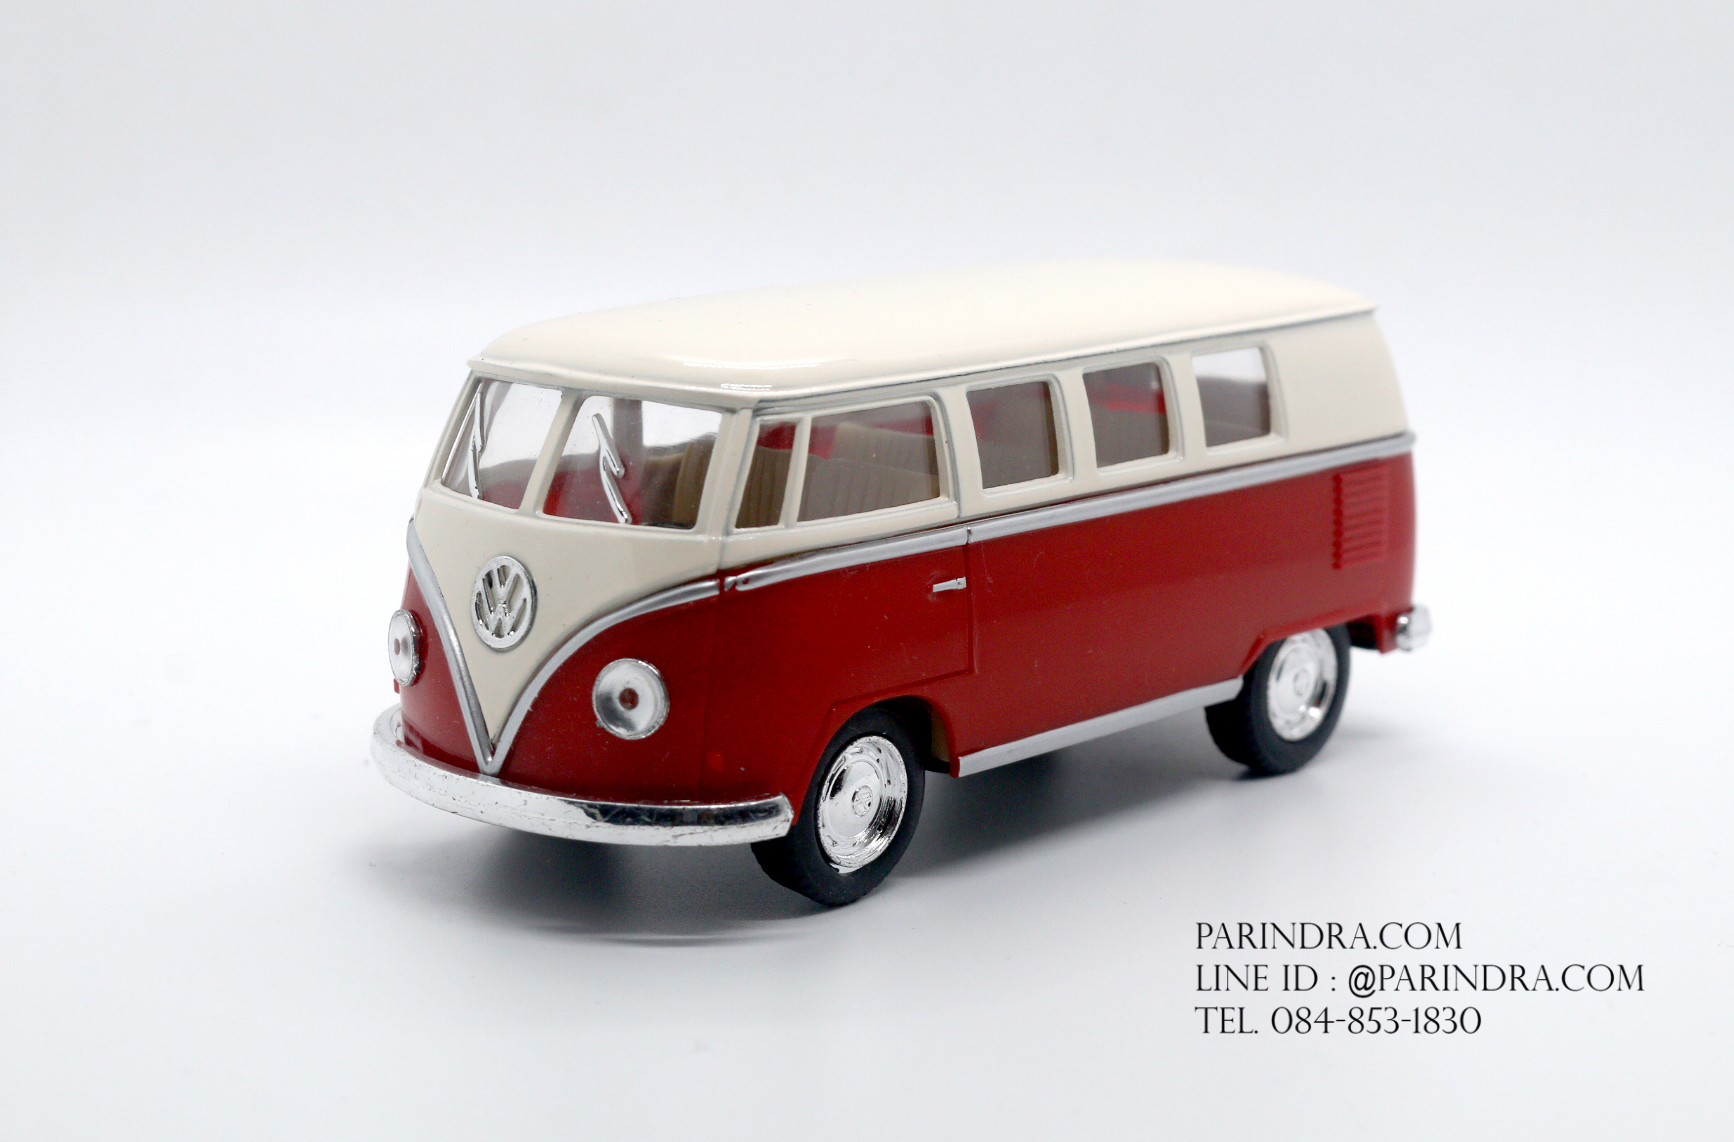 โมเดลรถเหล็ก รถตู้โฟล์ค รถเต่า Volksawagen Classical bus 1962 สีแดง